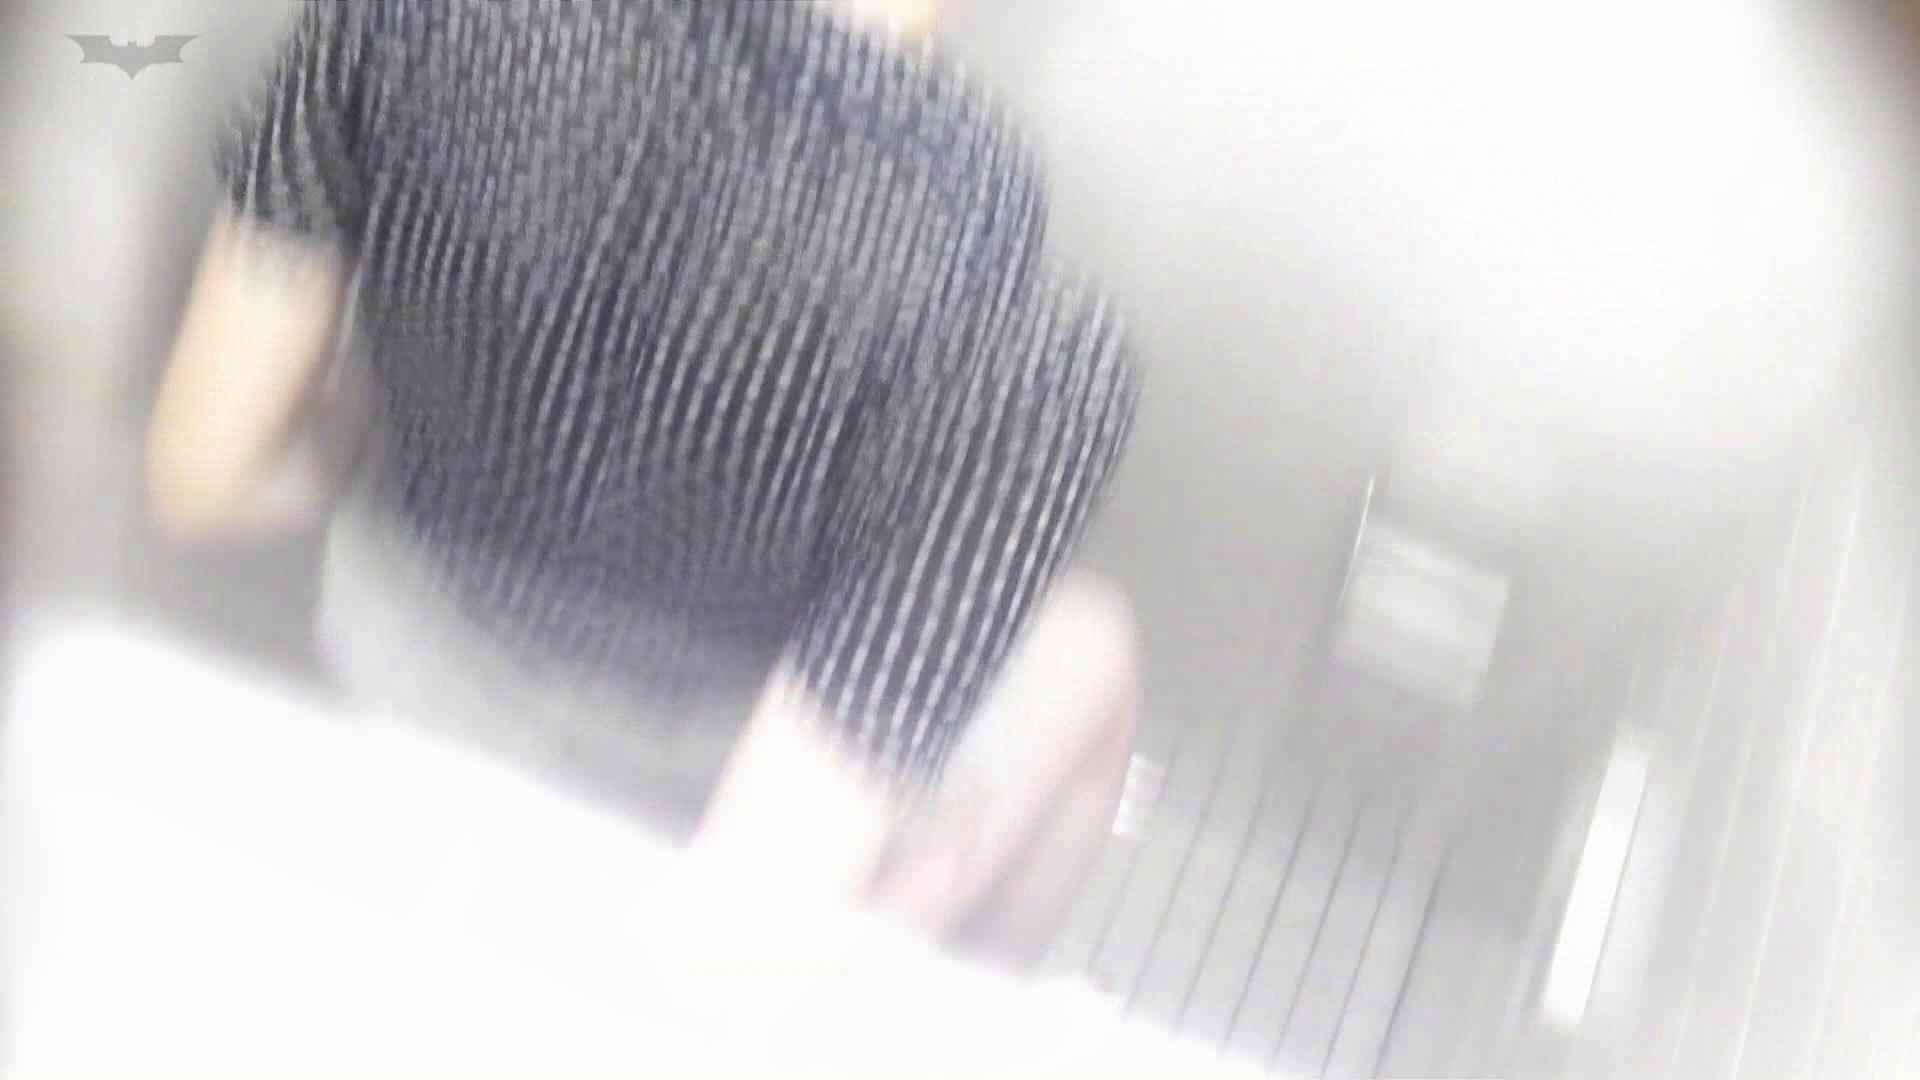 お銀 vol.73 シリーズ一番エロい尻登場 ギャルズ   高画質動画  67画像 43